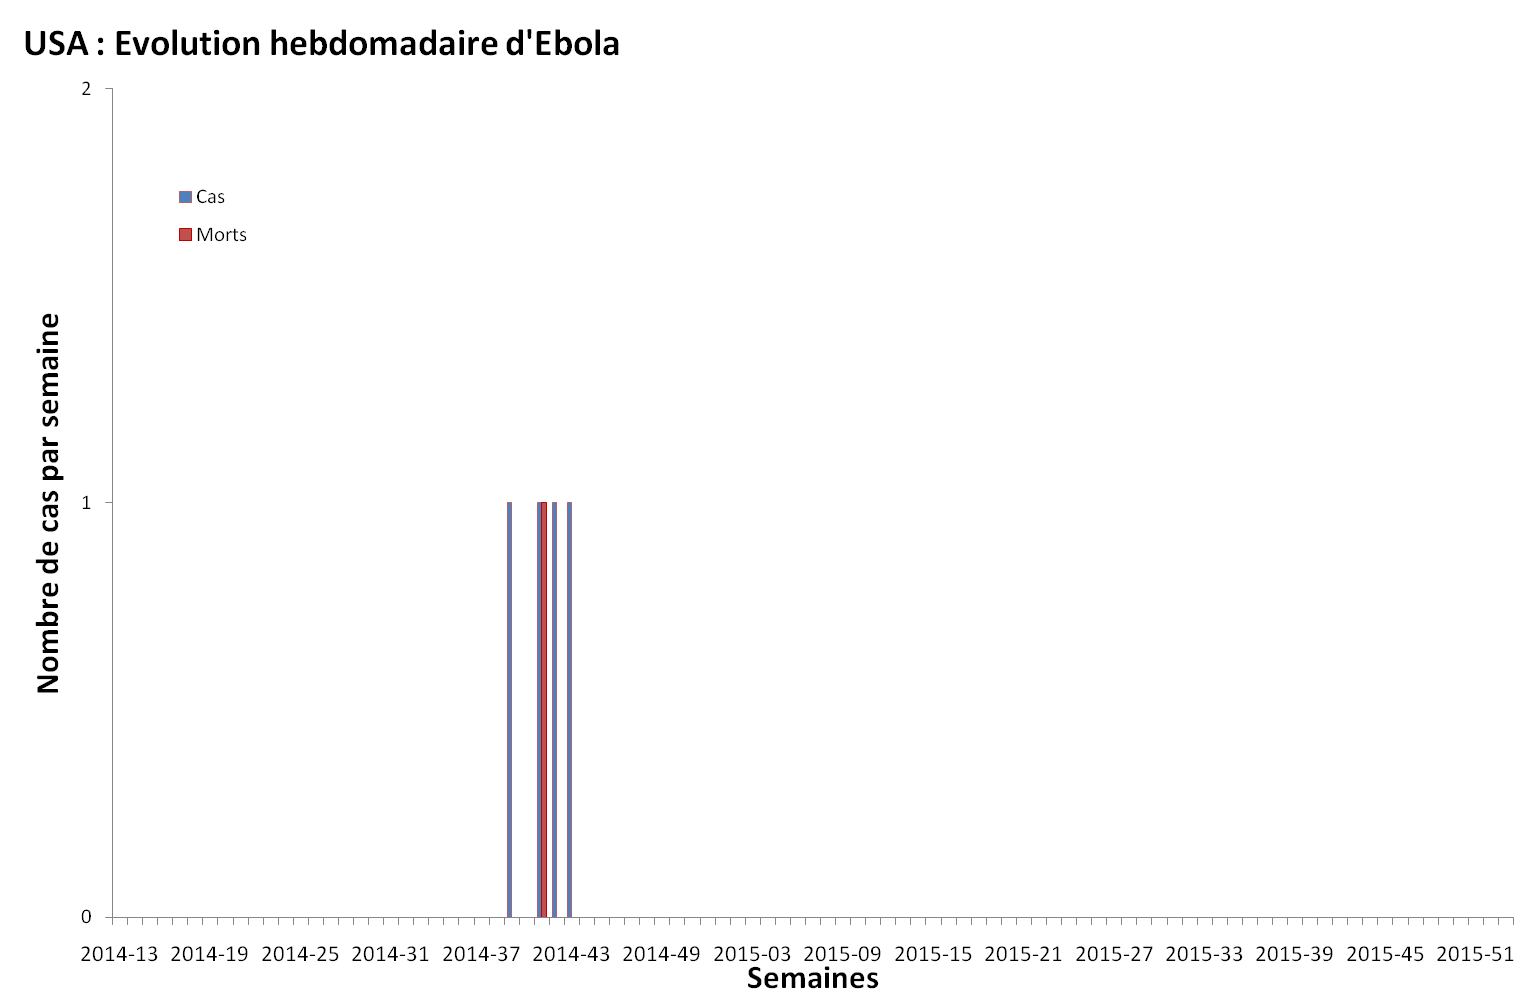 Evolution hebdomadaire des nouveaux malades et décès dus au virus Ebola aux Etats-Unis (USA)